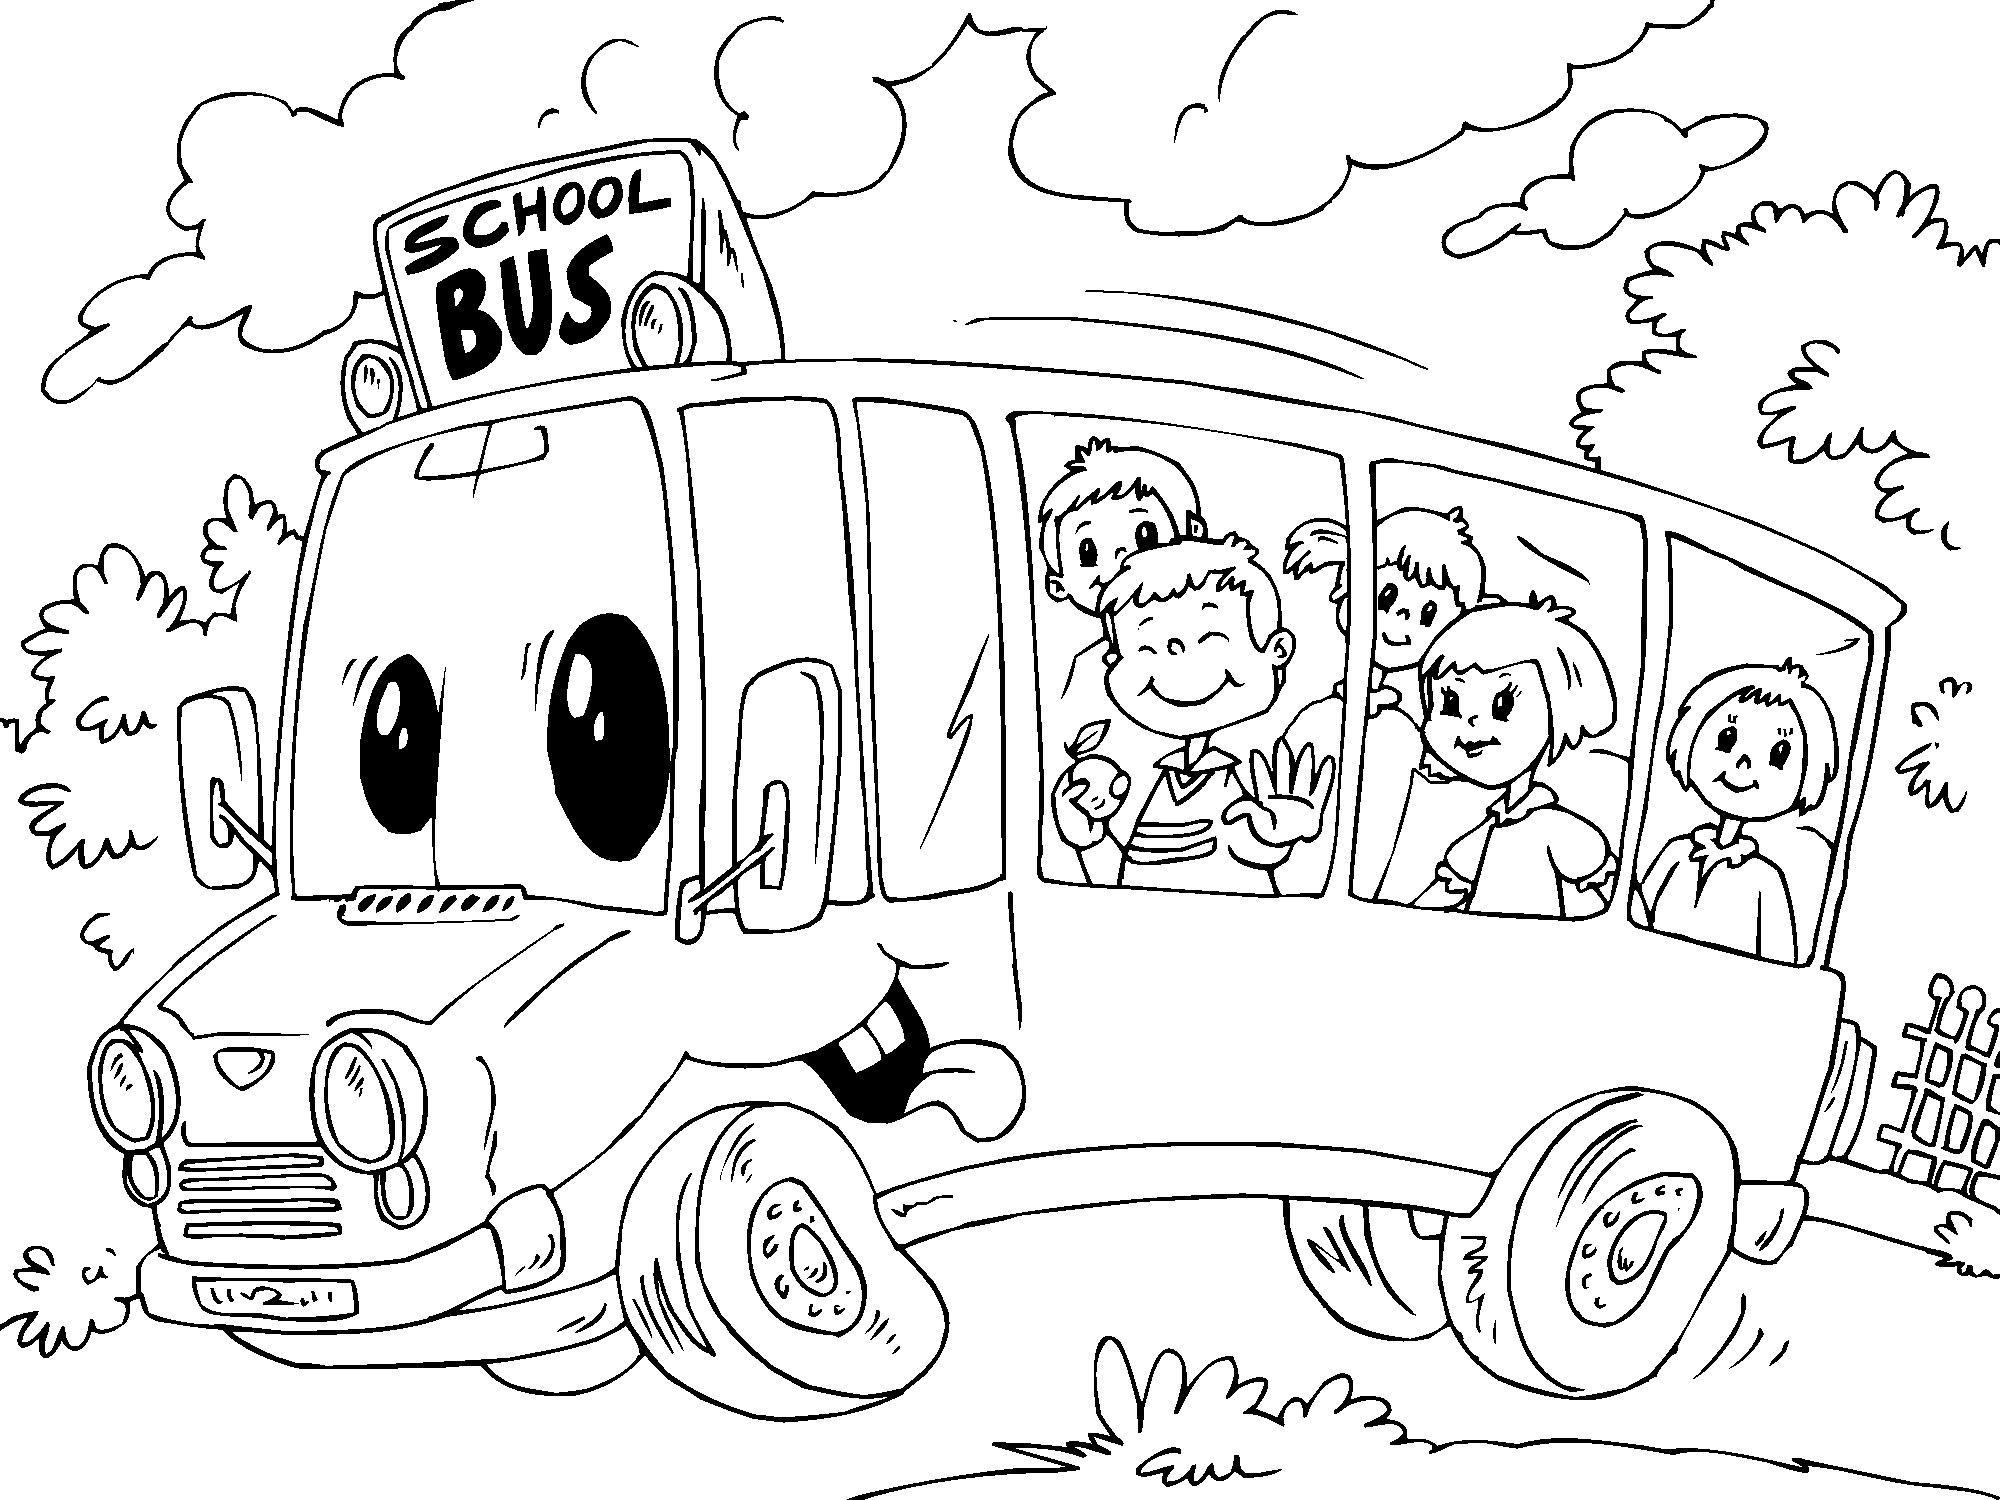 Malvorlage SChulbus | Ausmalbild 22688.